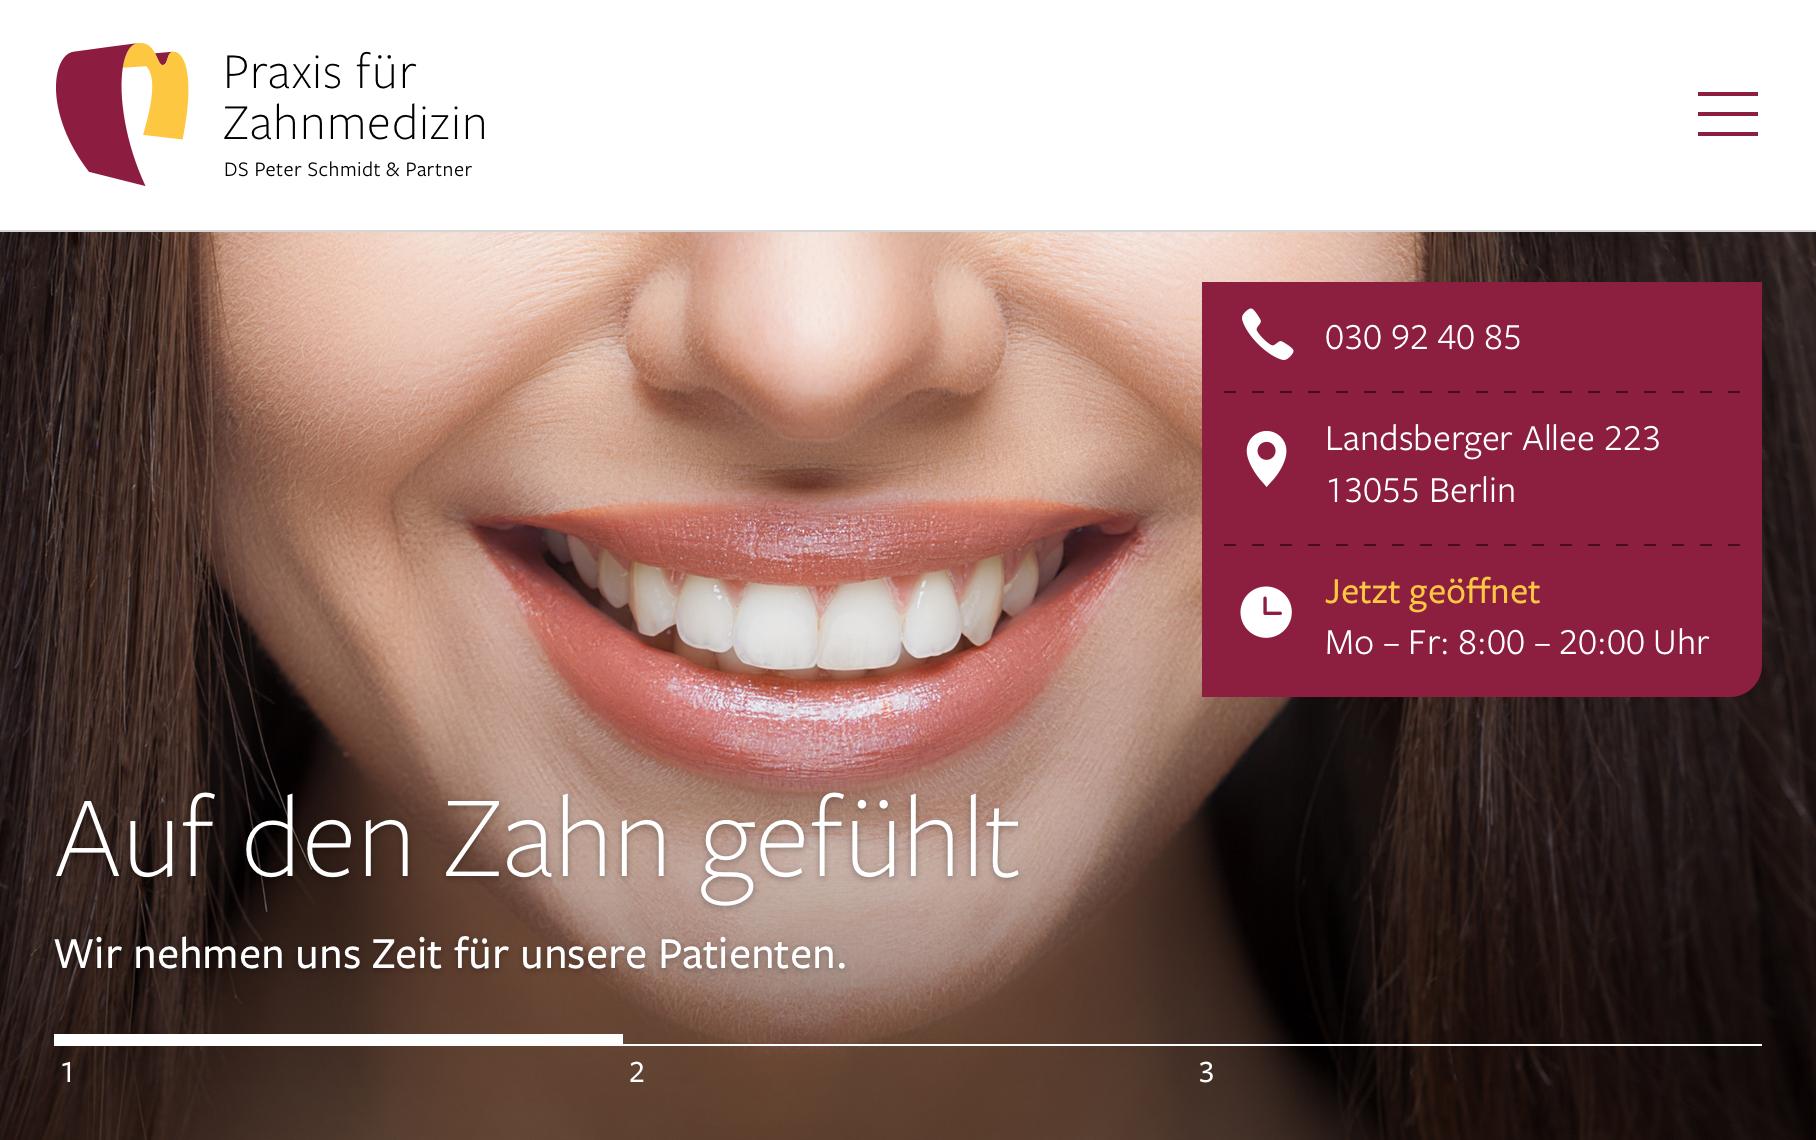 Zahnersatz Kronen Und Brücken Praxis Für Zahnmedizin In